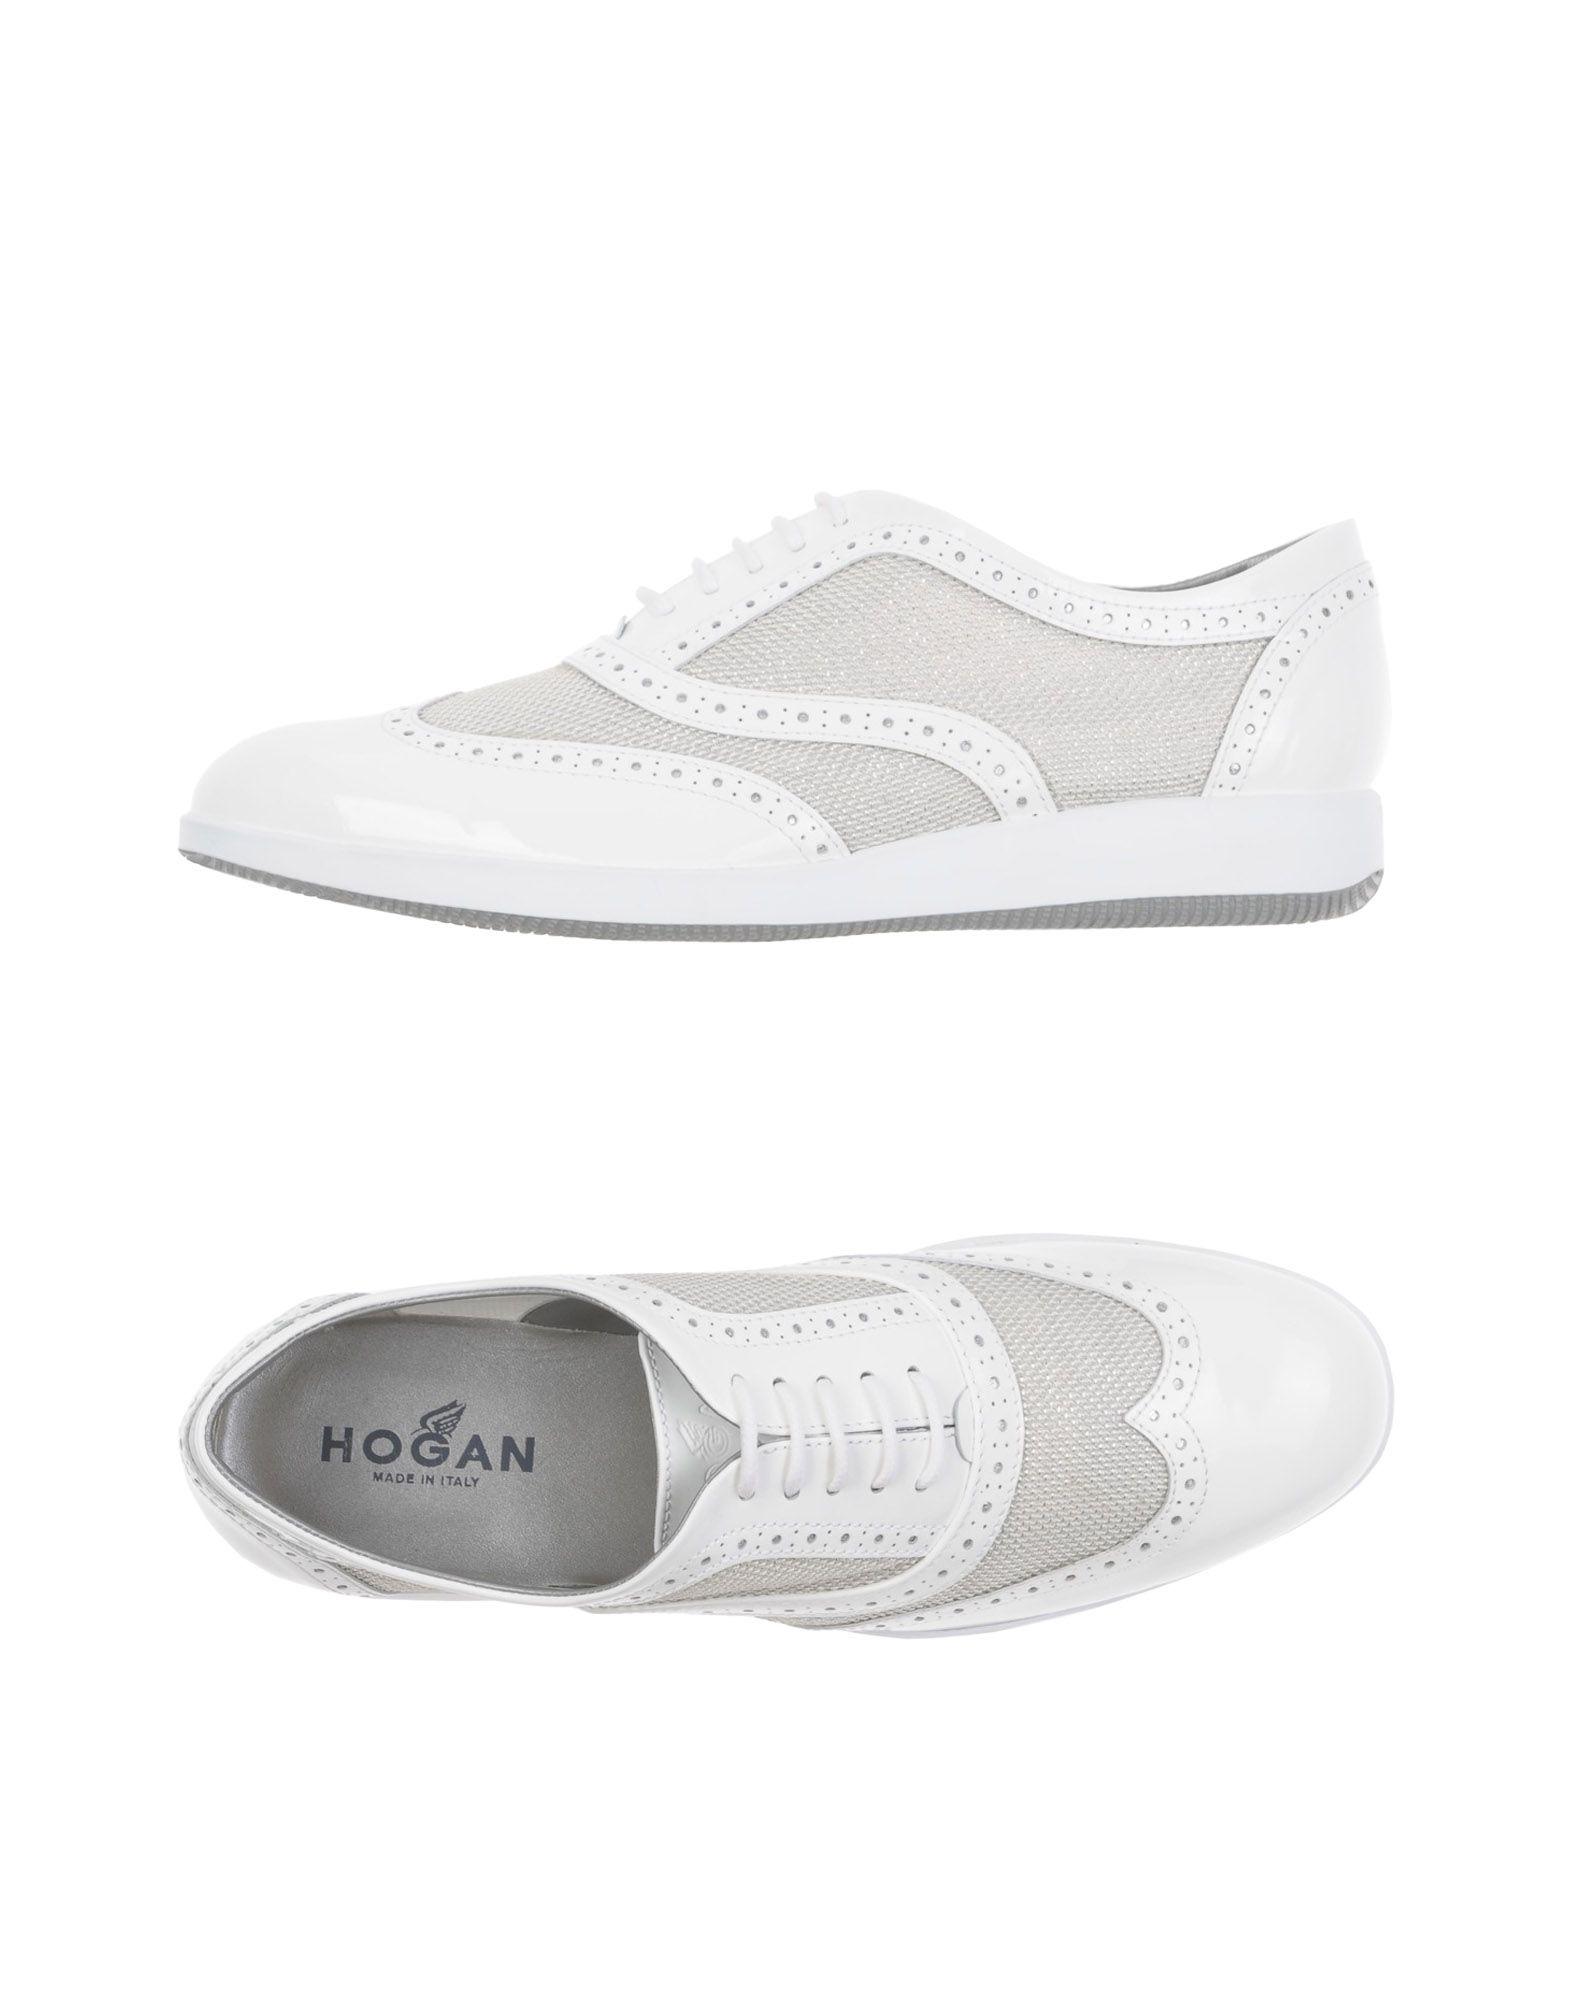 Stringate Hogan Donna - Acquista online su